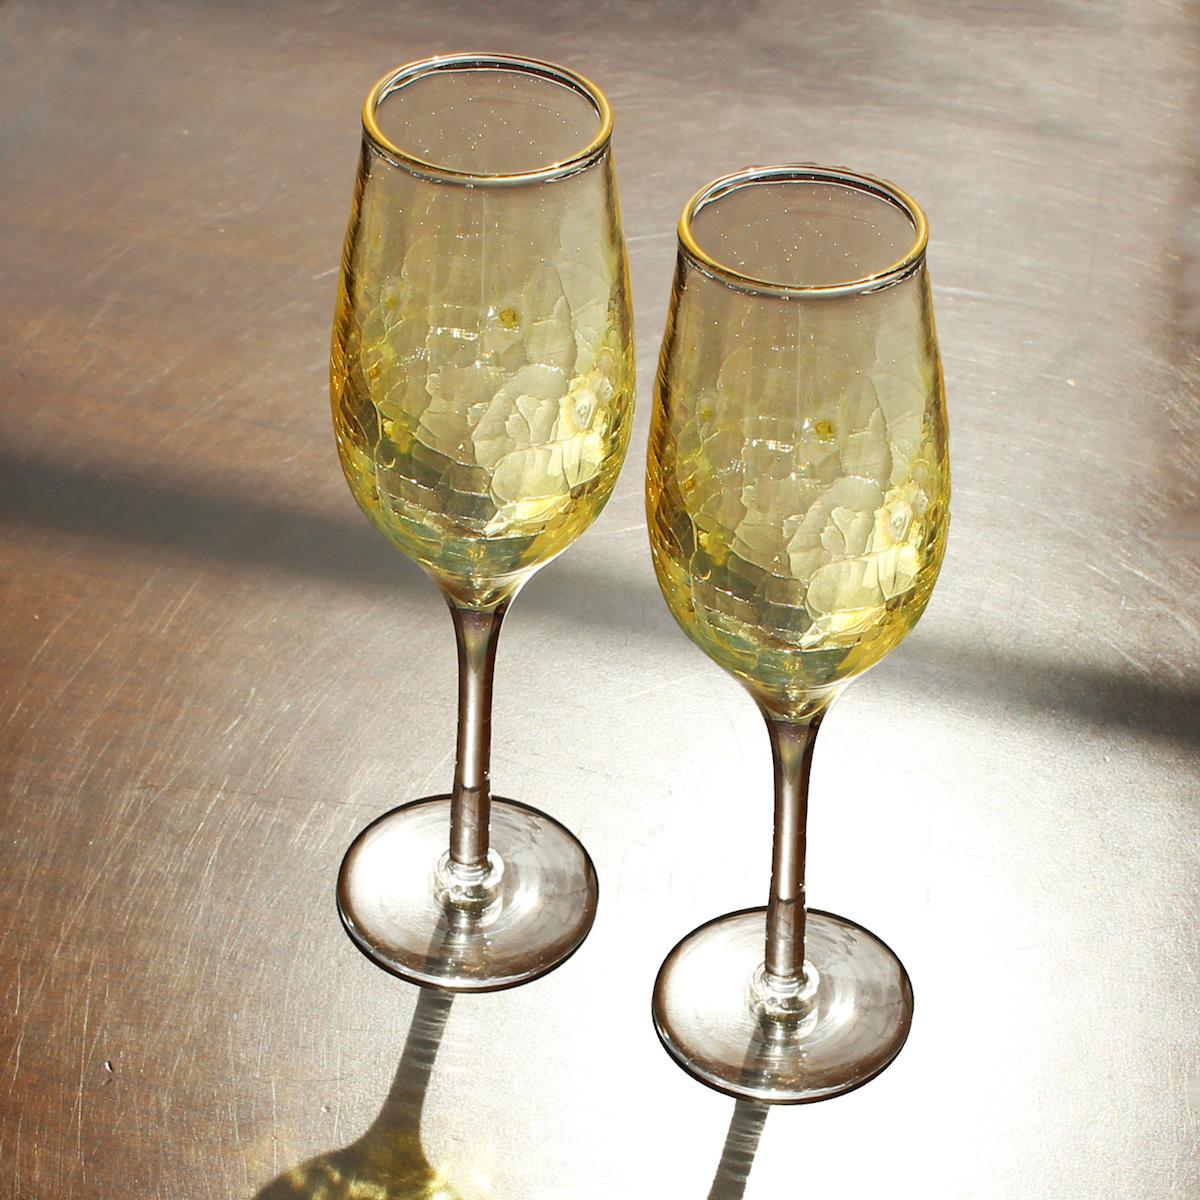 glasscalico グラスキャリコ ハンドメイド ガラス酒器 月光 (げっこう) シャンパングラス ペアセット (2個入)